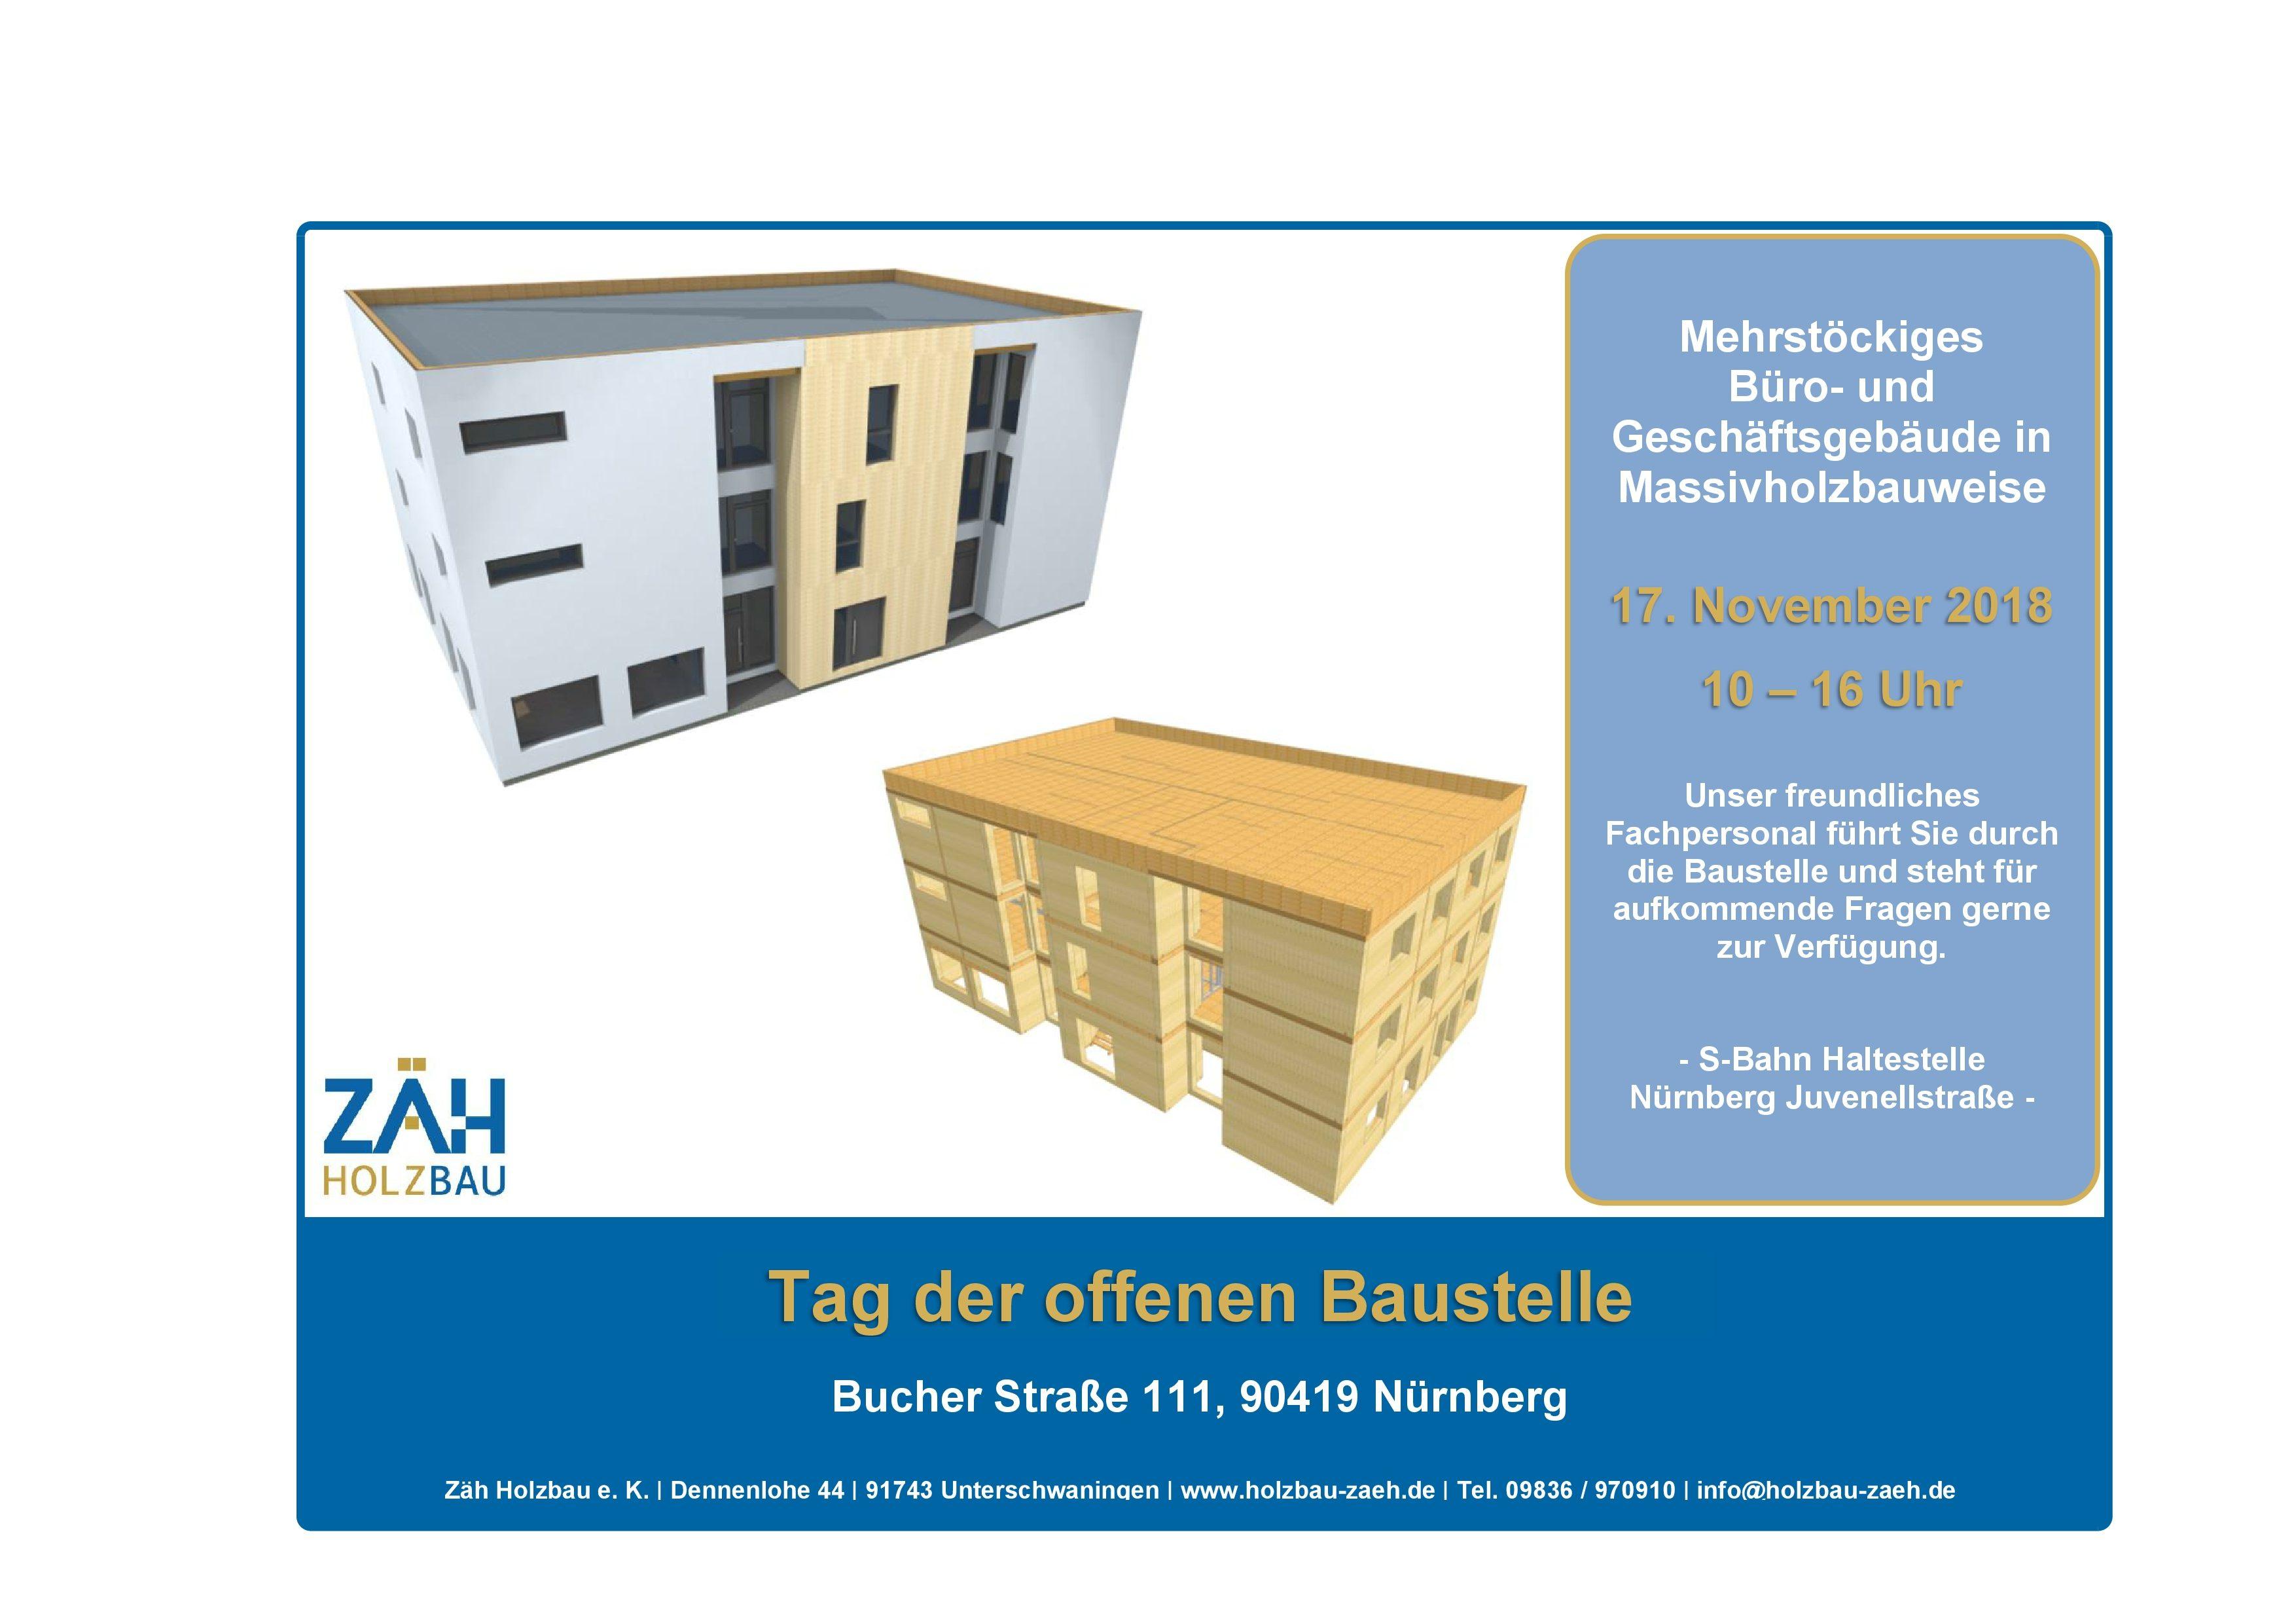 Tag der offenen Baustelle in Nürnberg